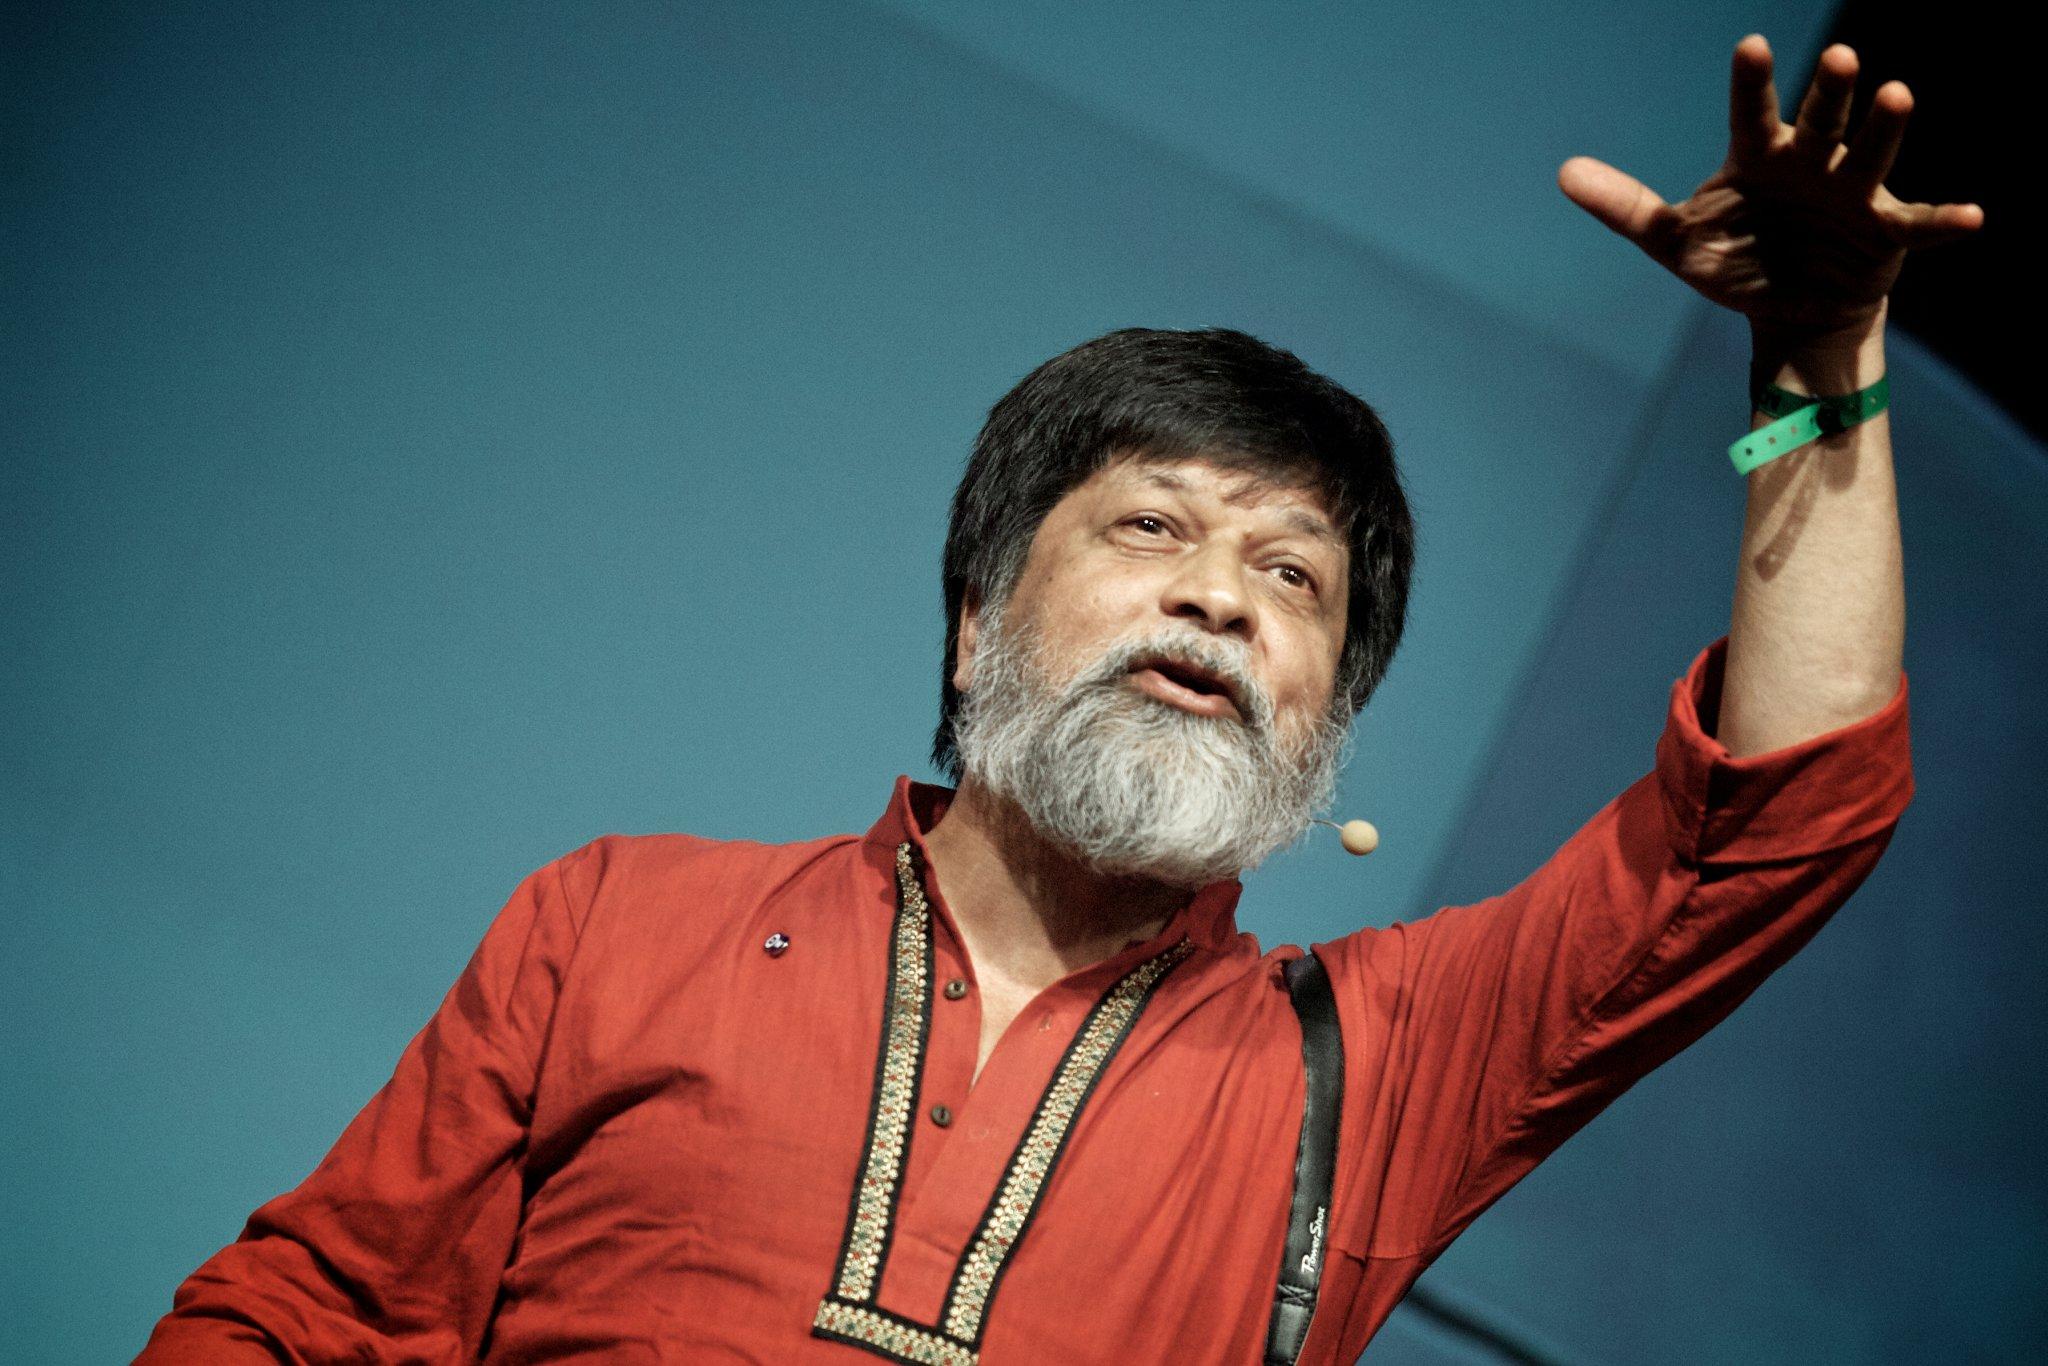 Nach Kritik an Regierung: Fotograf und Blogger Shahidul Alam in Bangladesch verhaftet